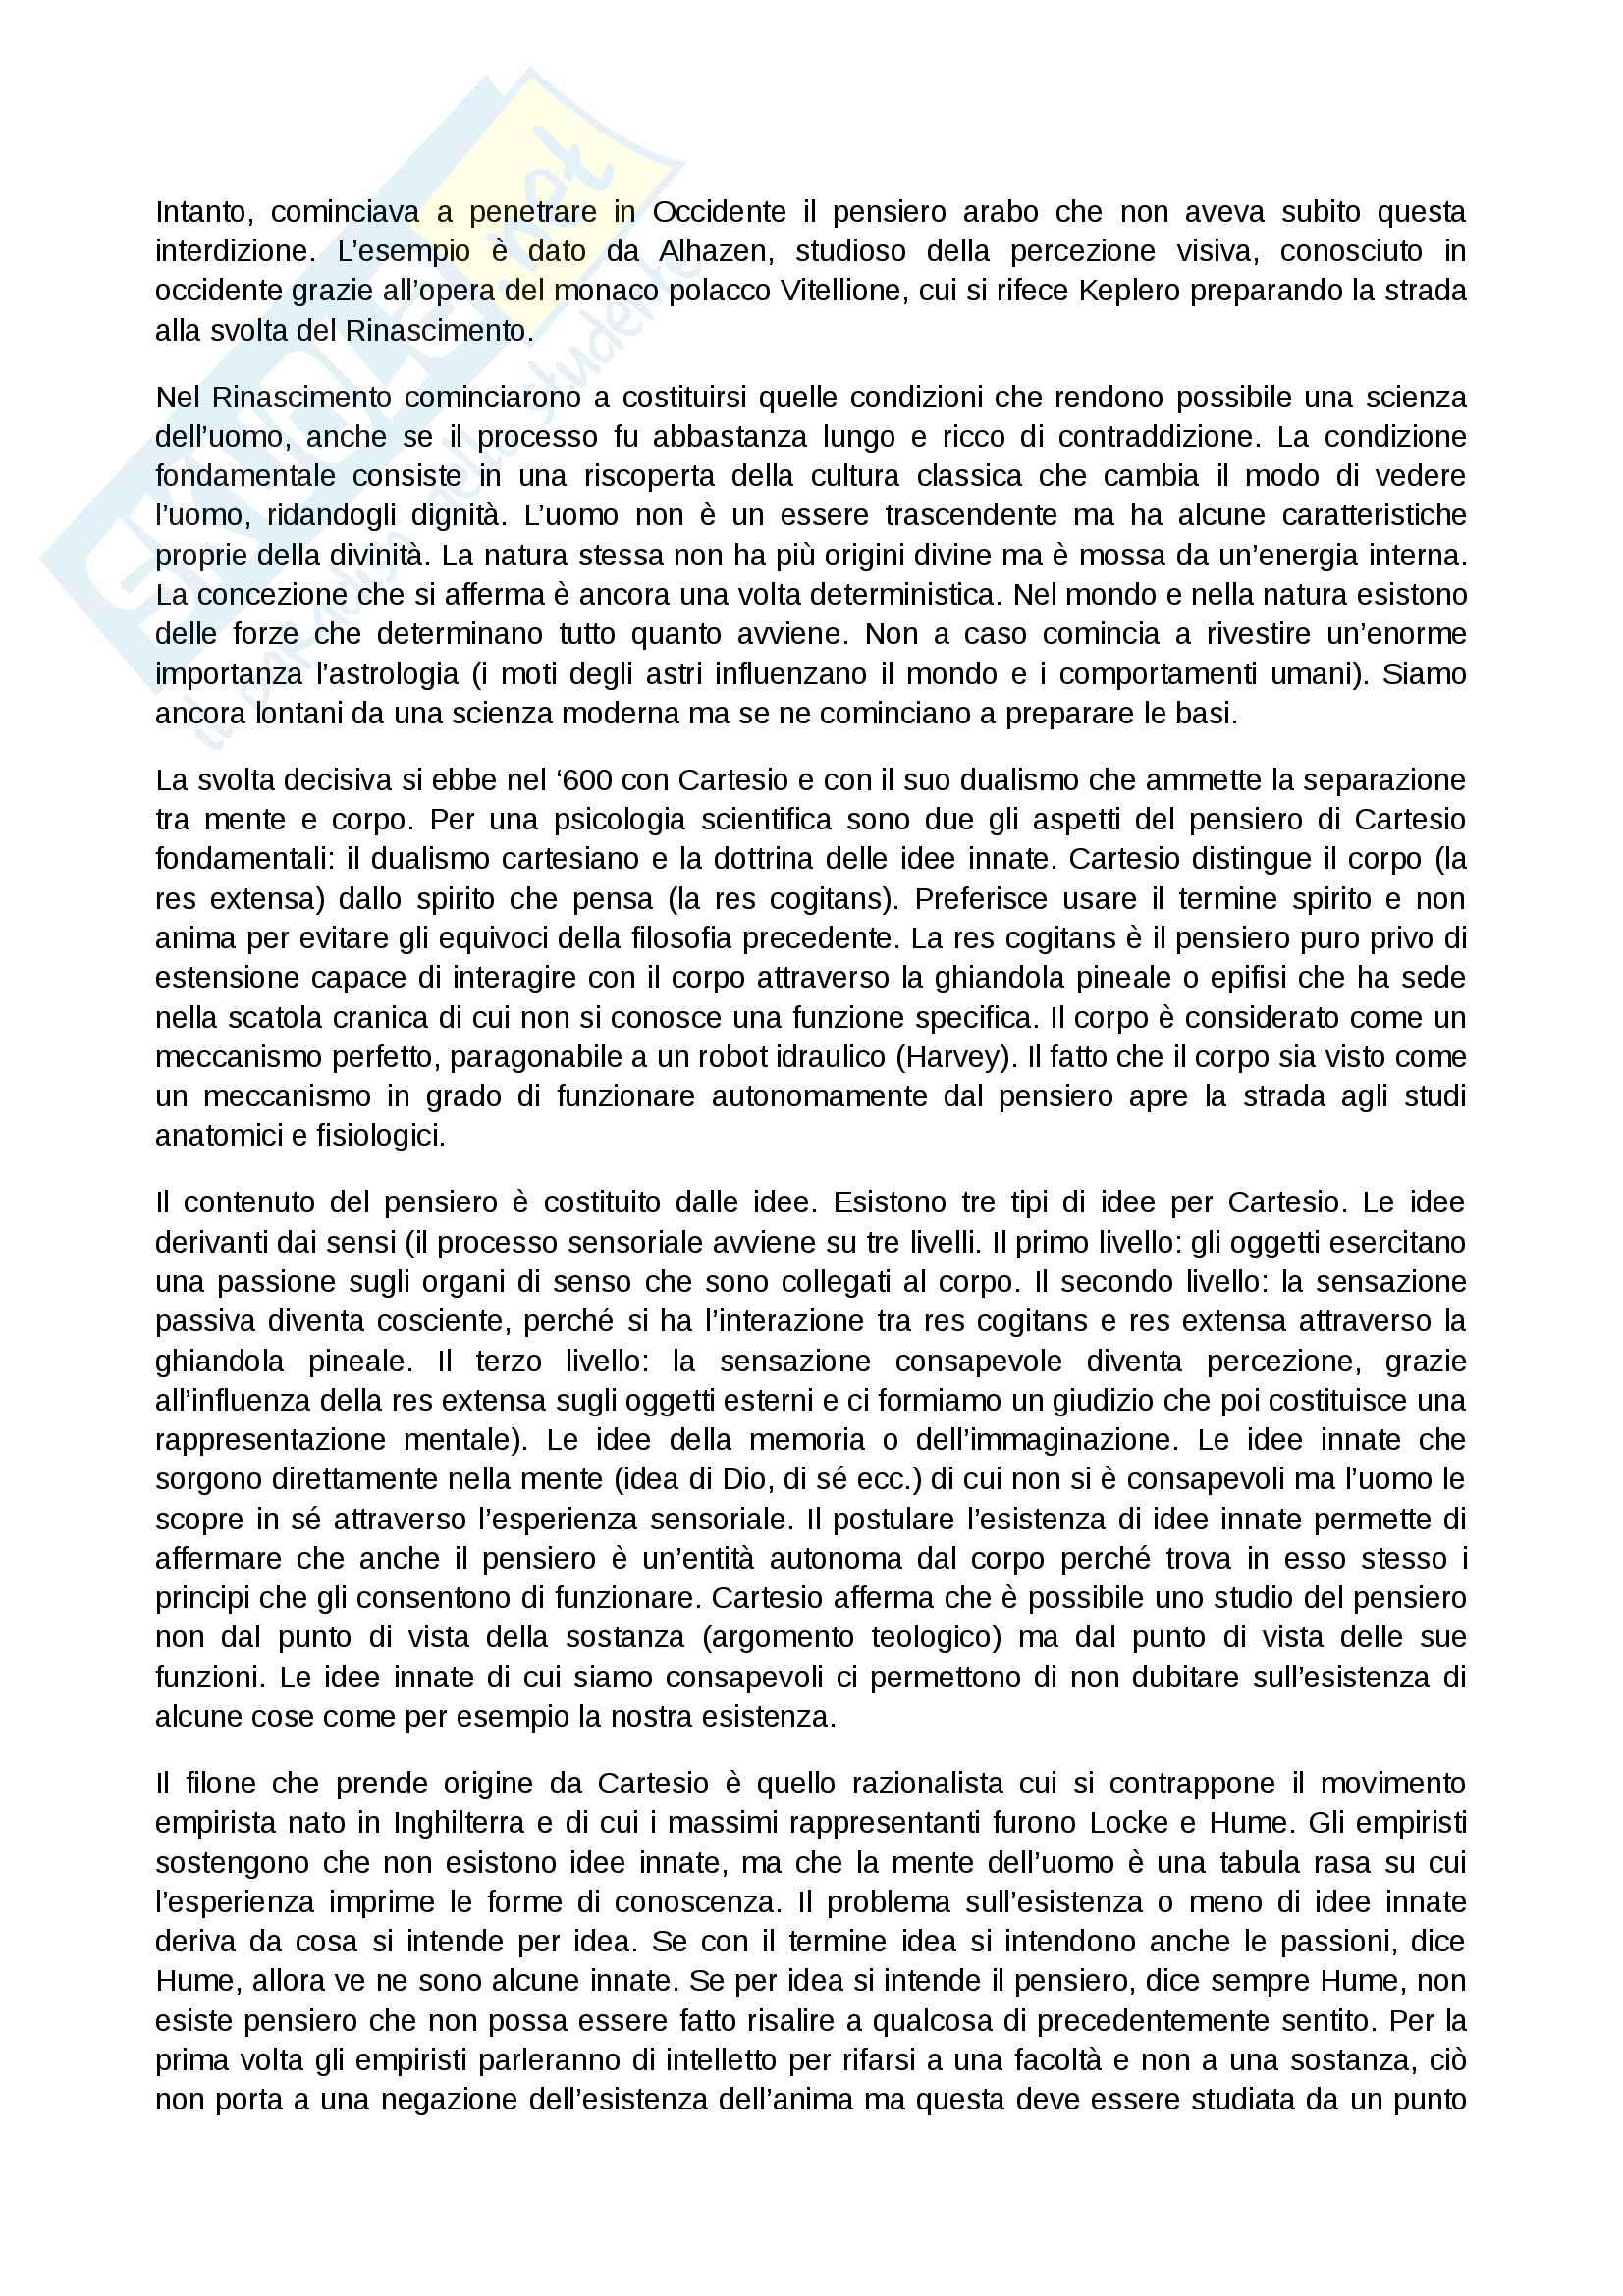 Riassunto origini e storia psicologia Pag. 2